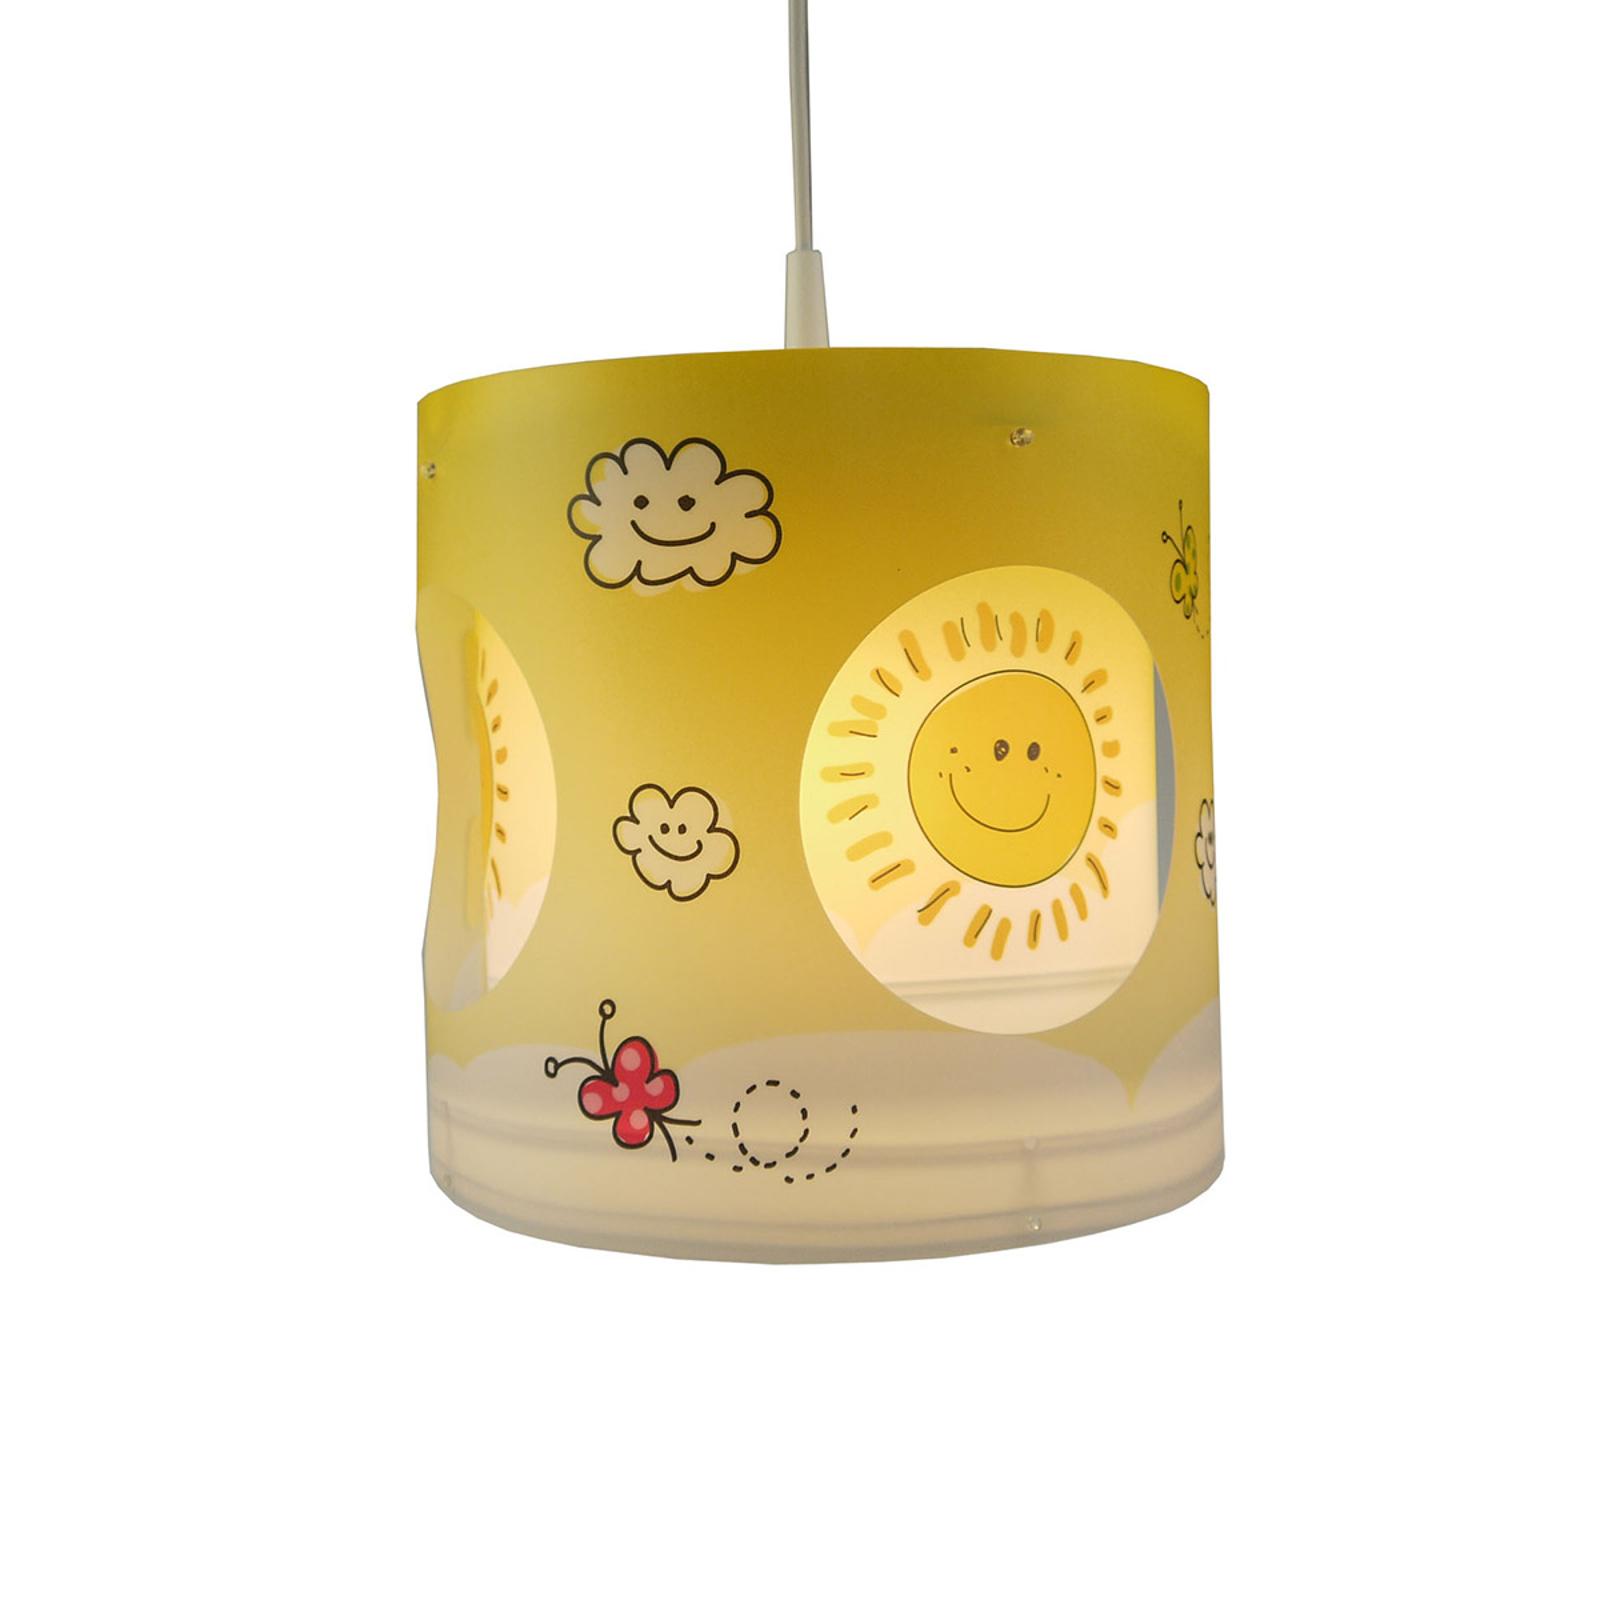 Sunny drejehængelampe til børneværelse